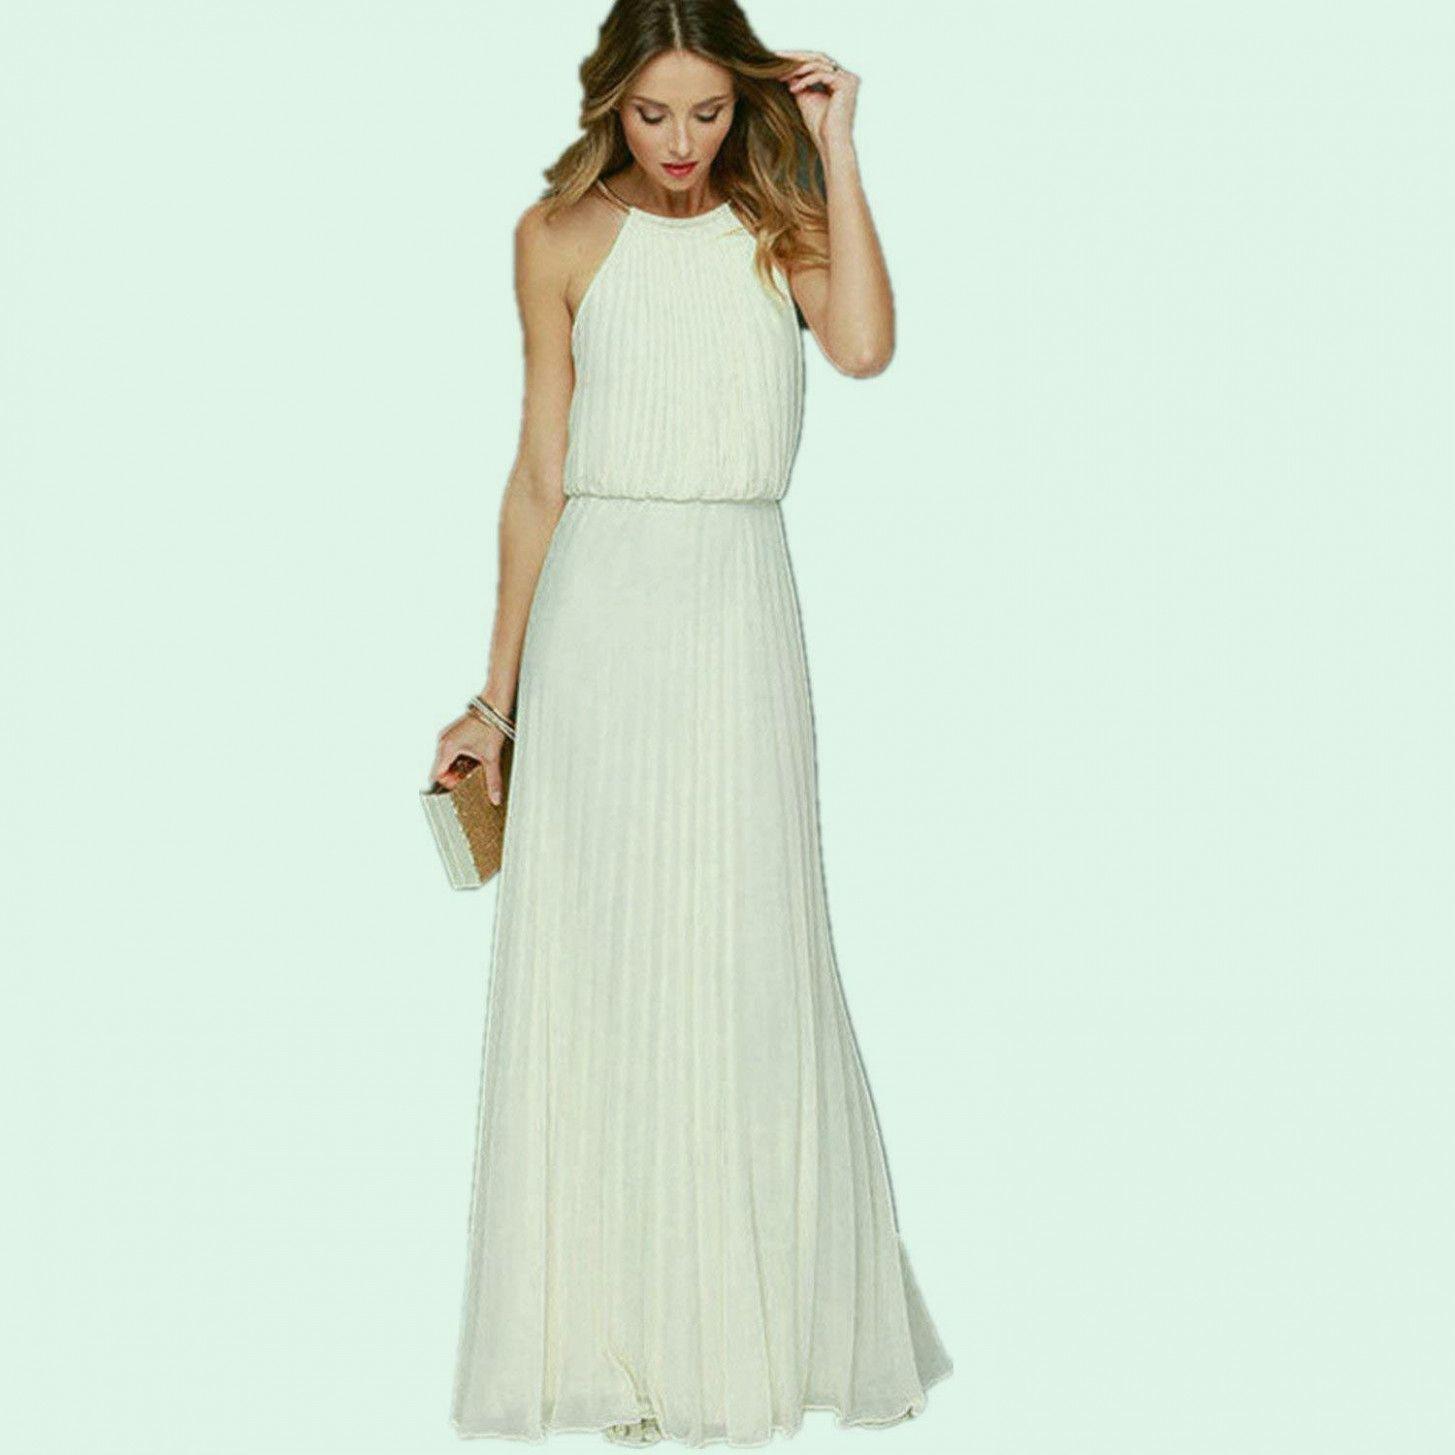 14 Damen Kleider Hochzeitsgast In 2020 Kleider Damen Kleider Hochzeit Kleider